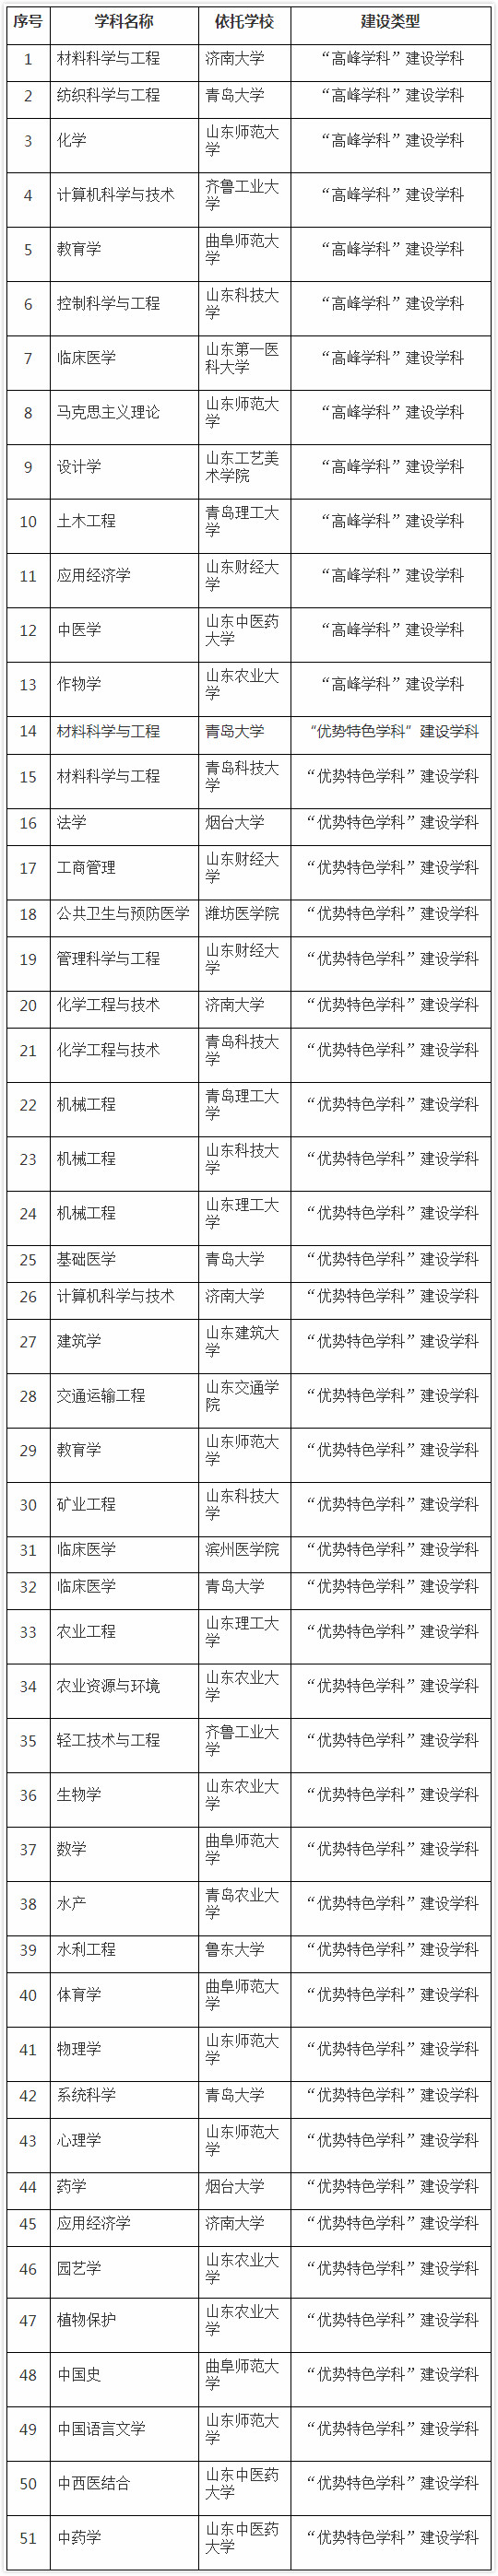 山东省公布高水平大学和高水平学科建设名单